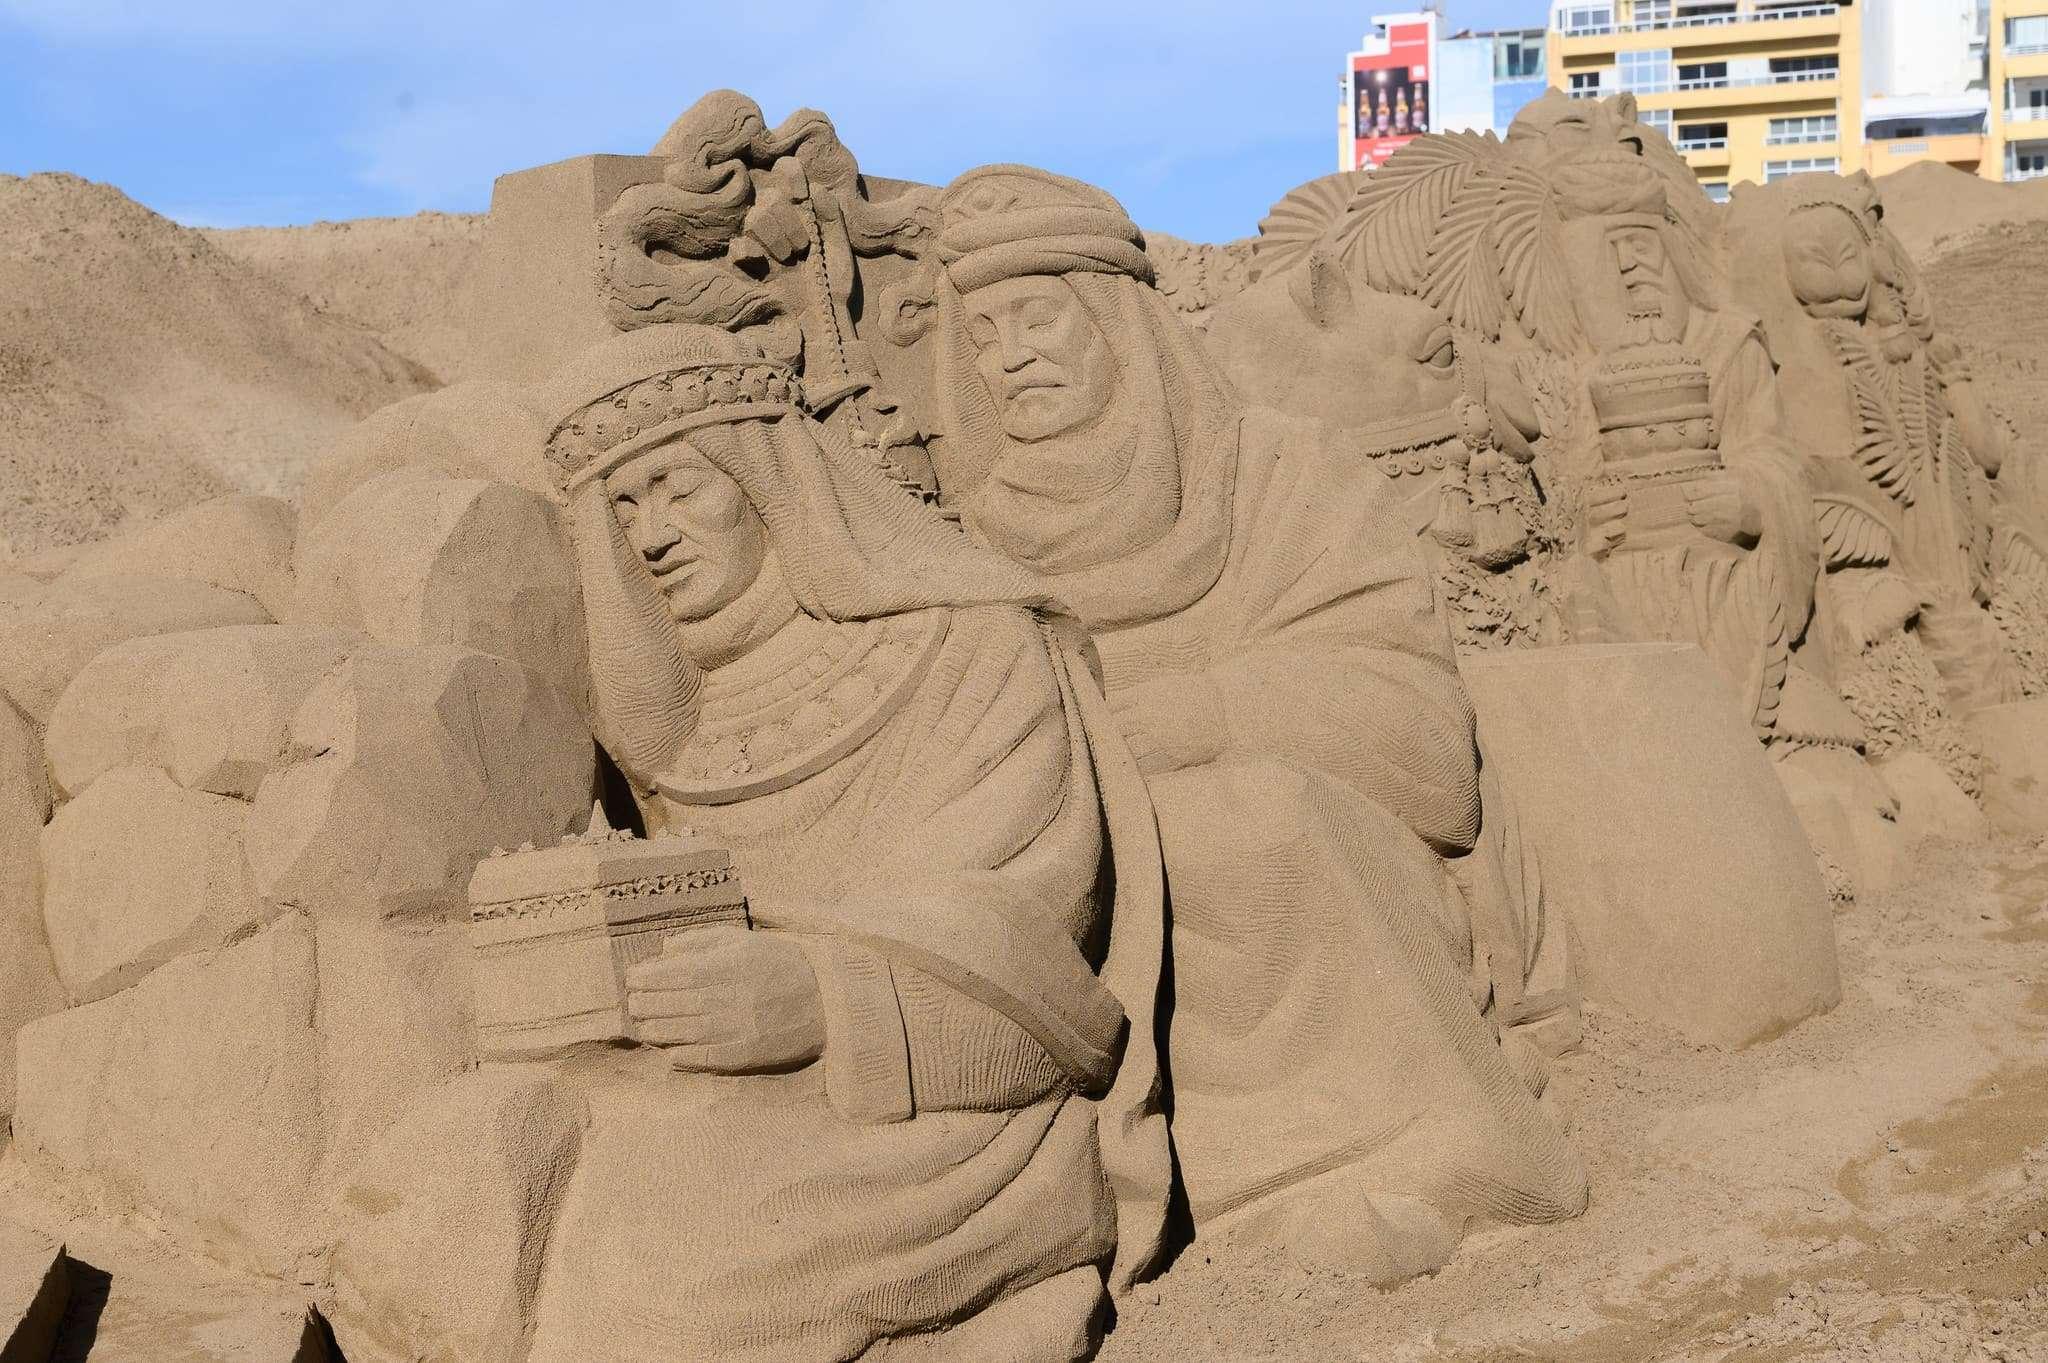 Un original Belén de arena para la navidad en Gran Canaria 78